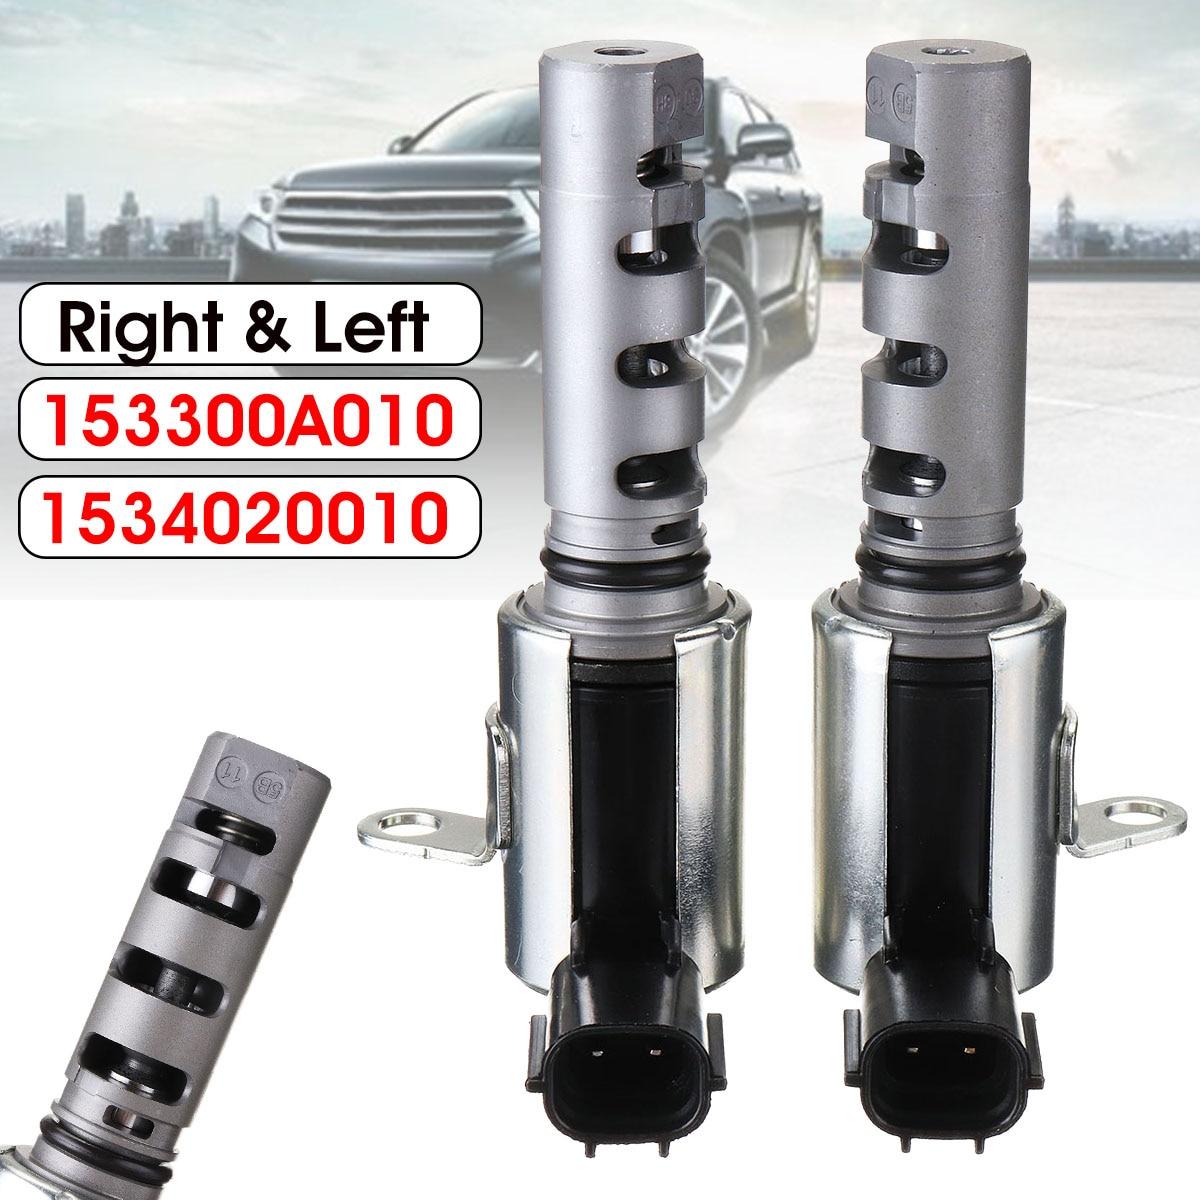 Der GüNstigste Preis 1 Paar Links Rechts Timing Magnetventil Vvt Für Toyota V6 Für Lexus Es330 Rx300 Rx330 Highlander Sienna Solara Camry Avalon